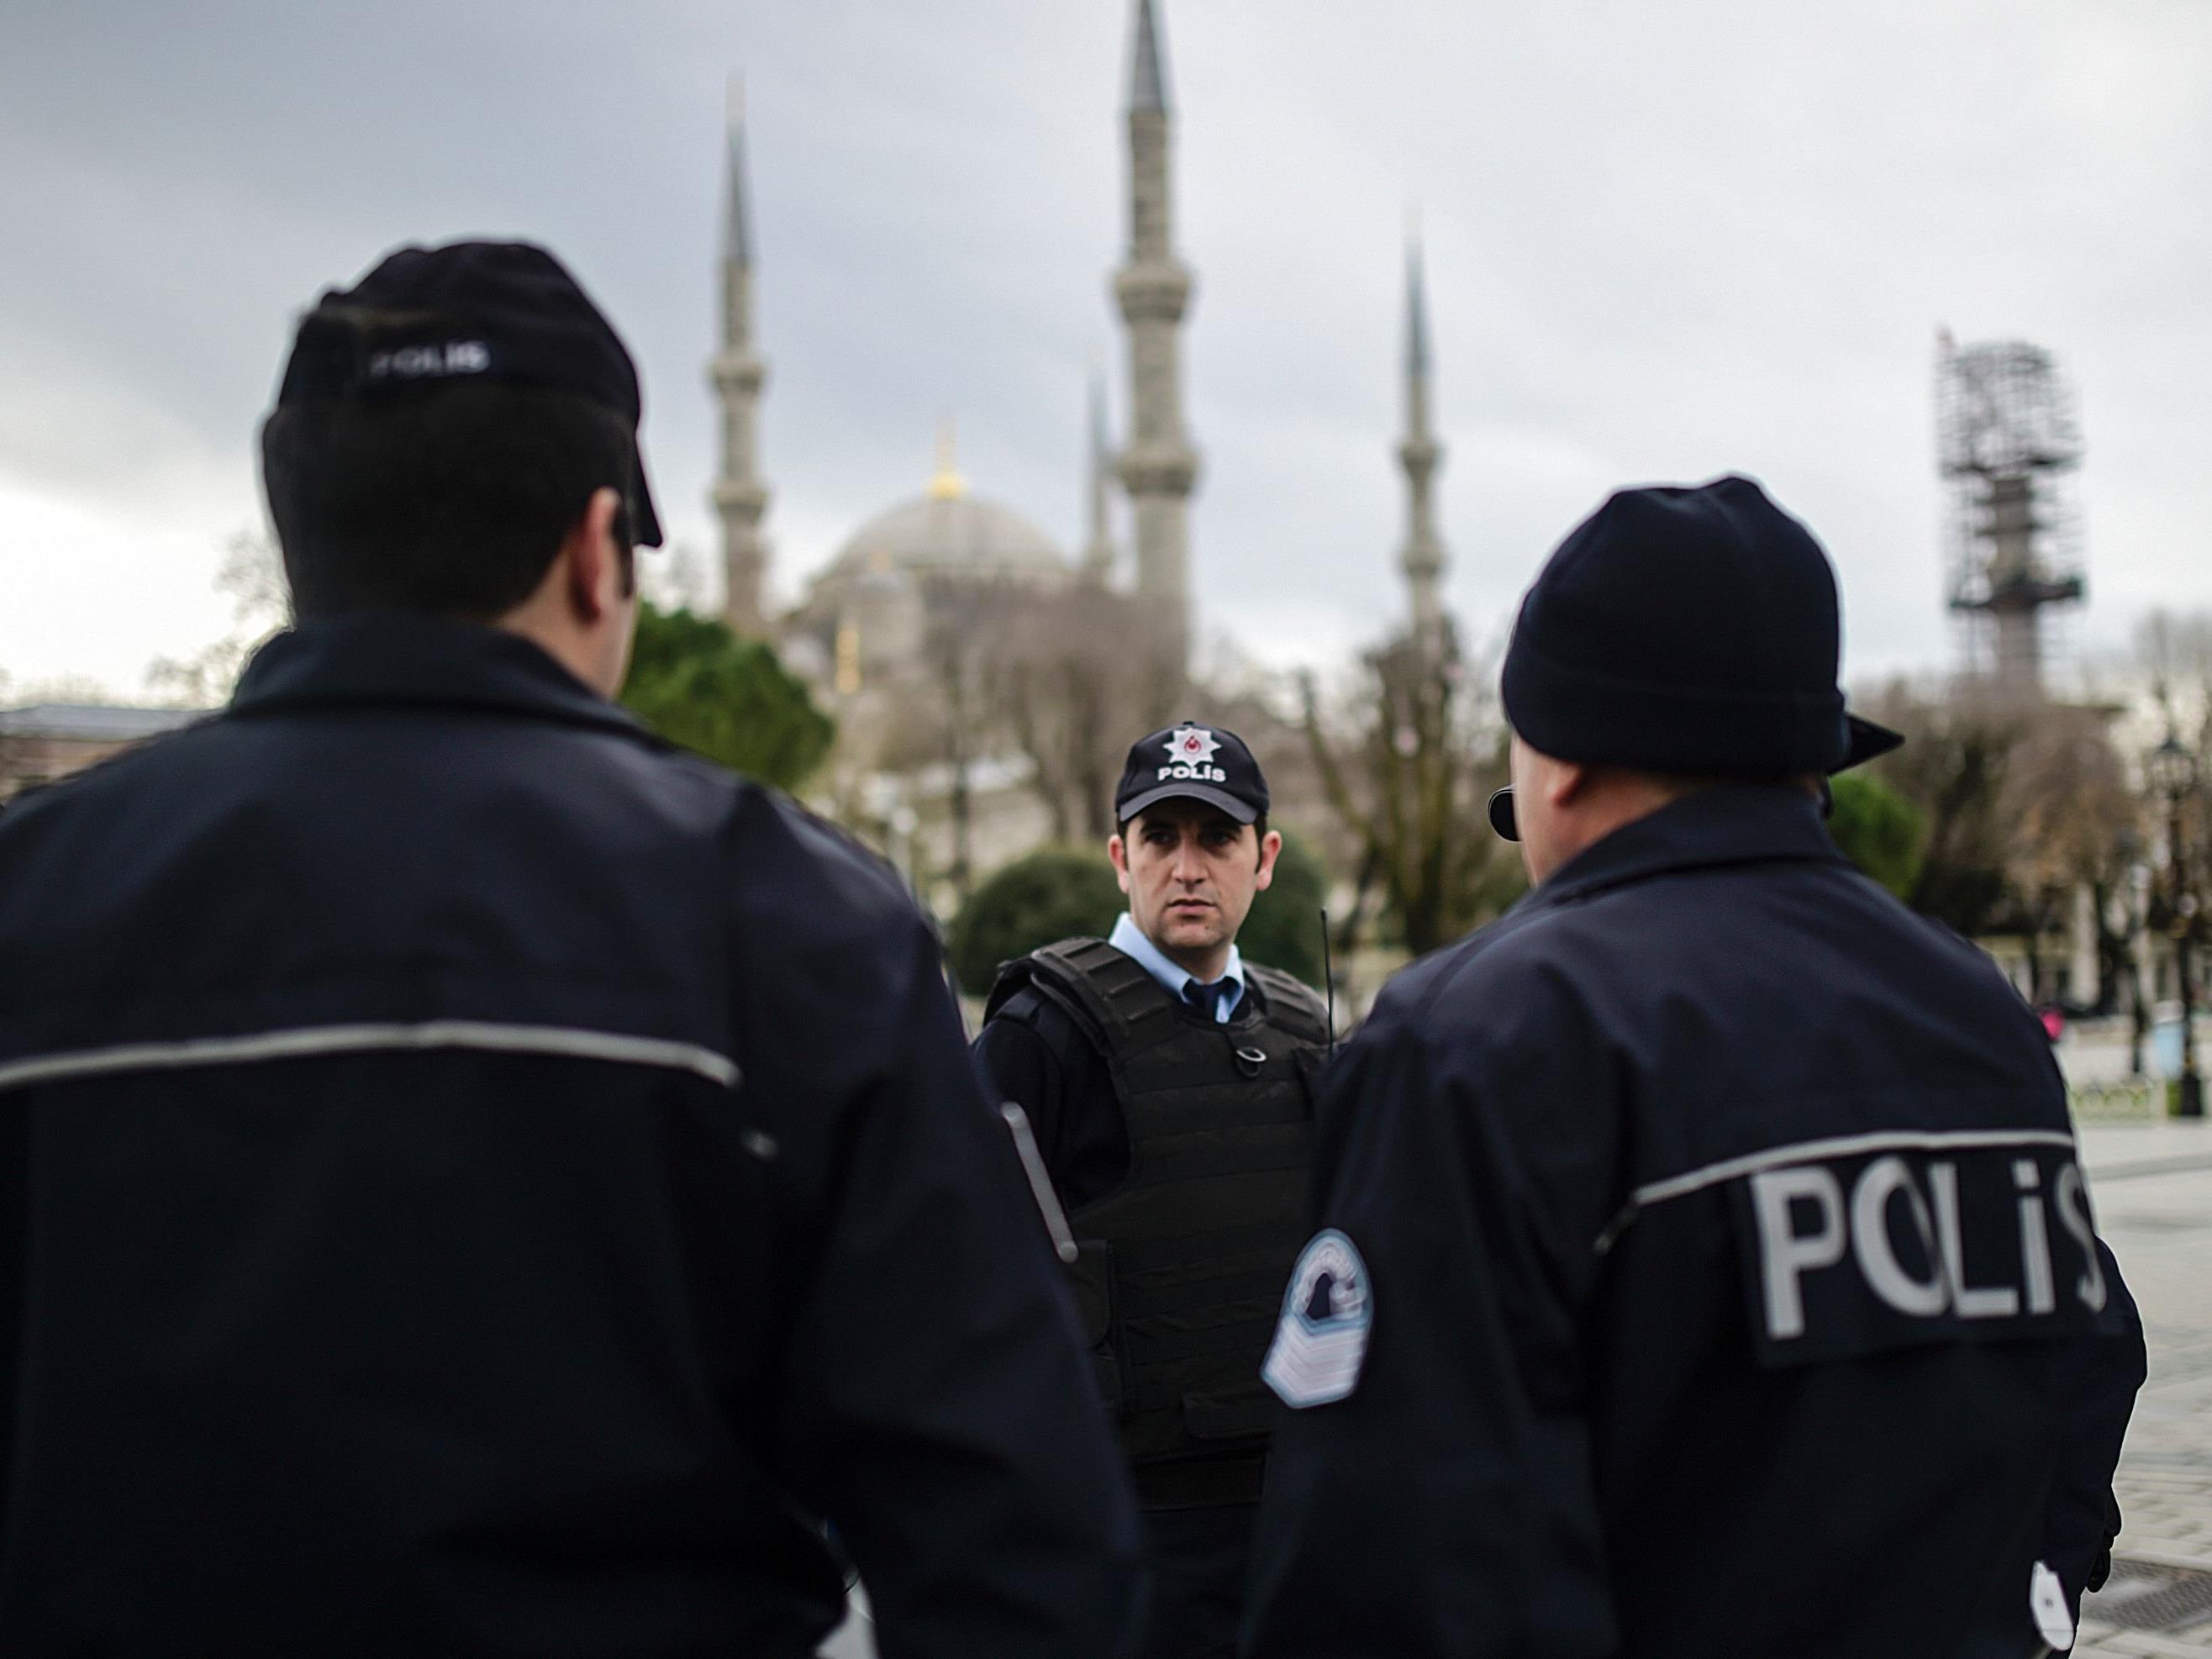 Offenbar war die türkische Polizei Ziel des Angriffs.